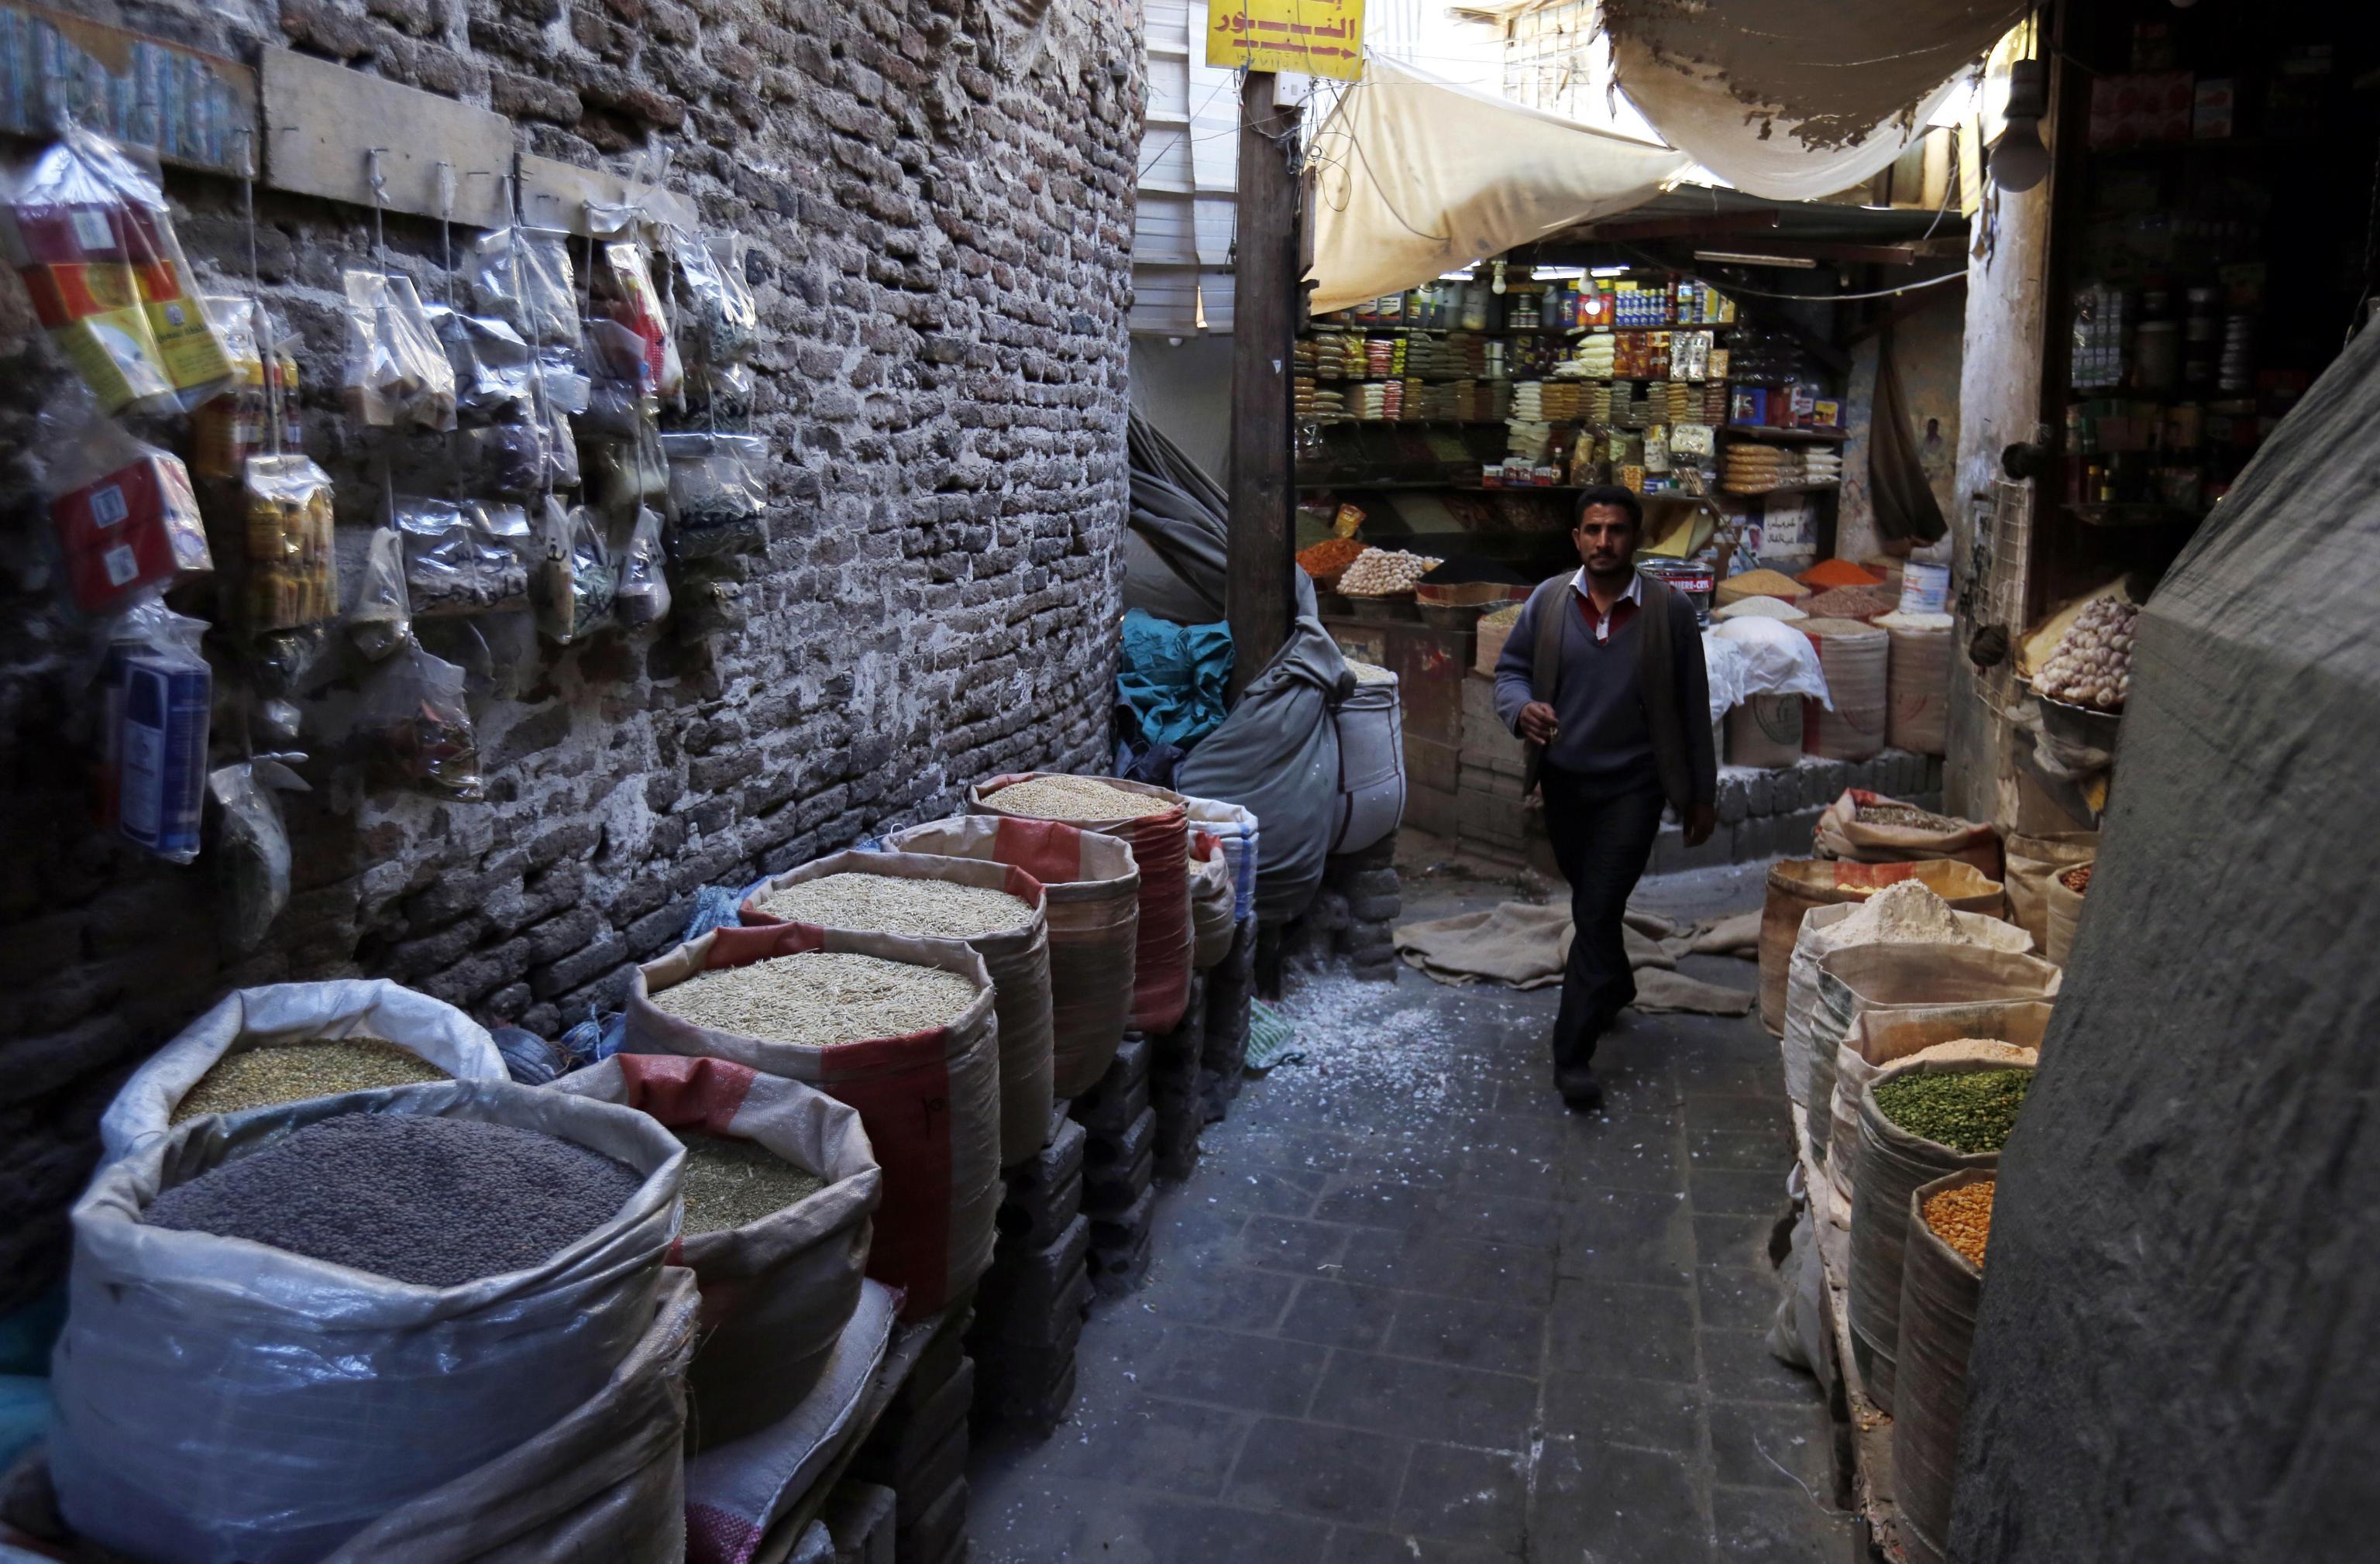 Uno yemenita passeggia lungo le vie anguste del mercato, ricco di prodotti e spezie.